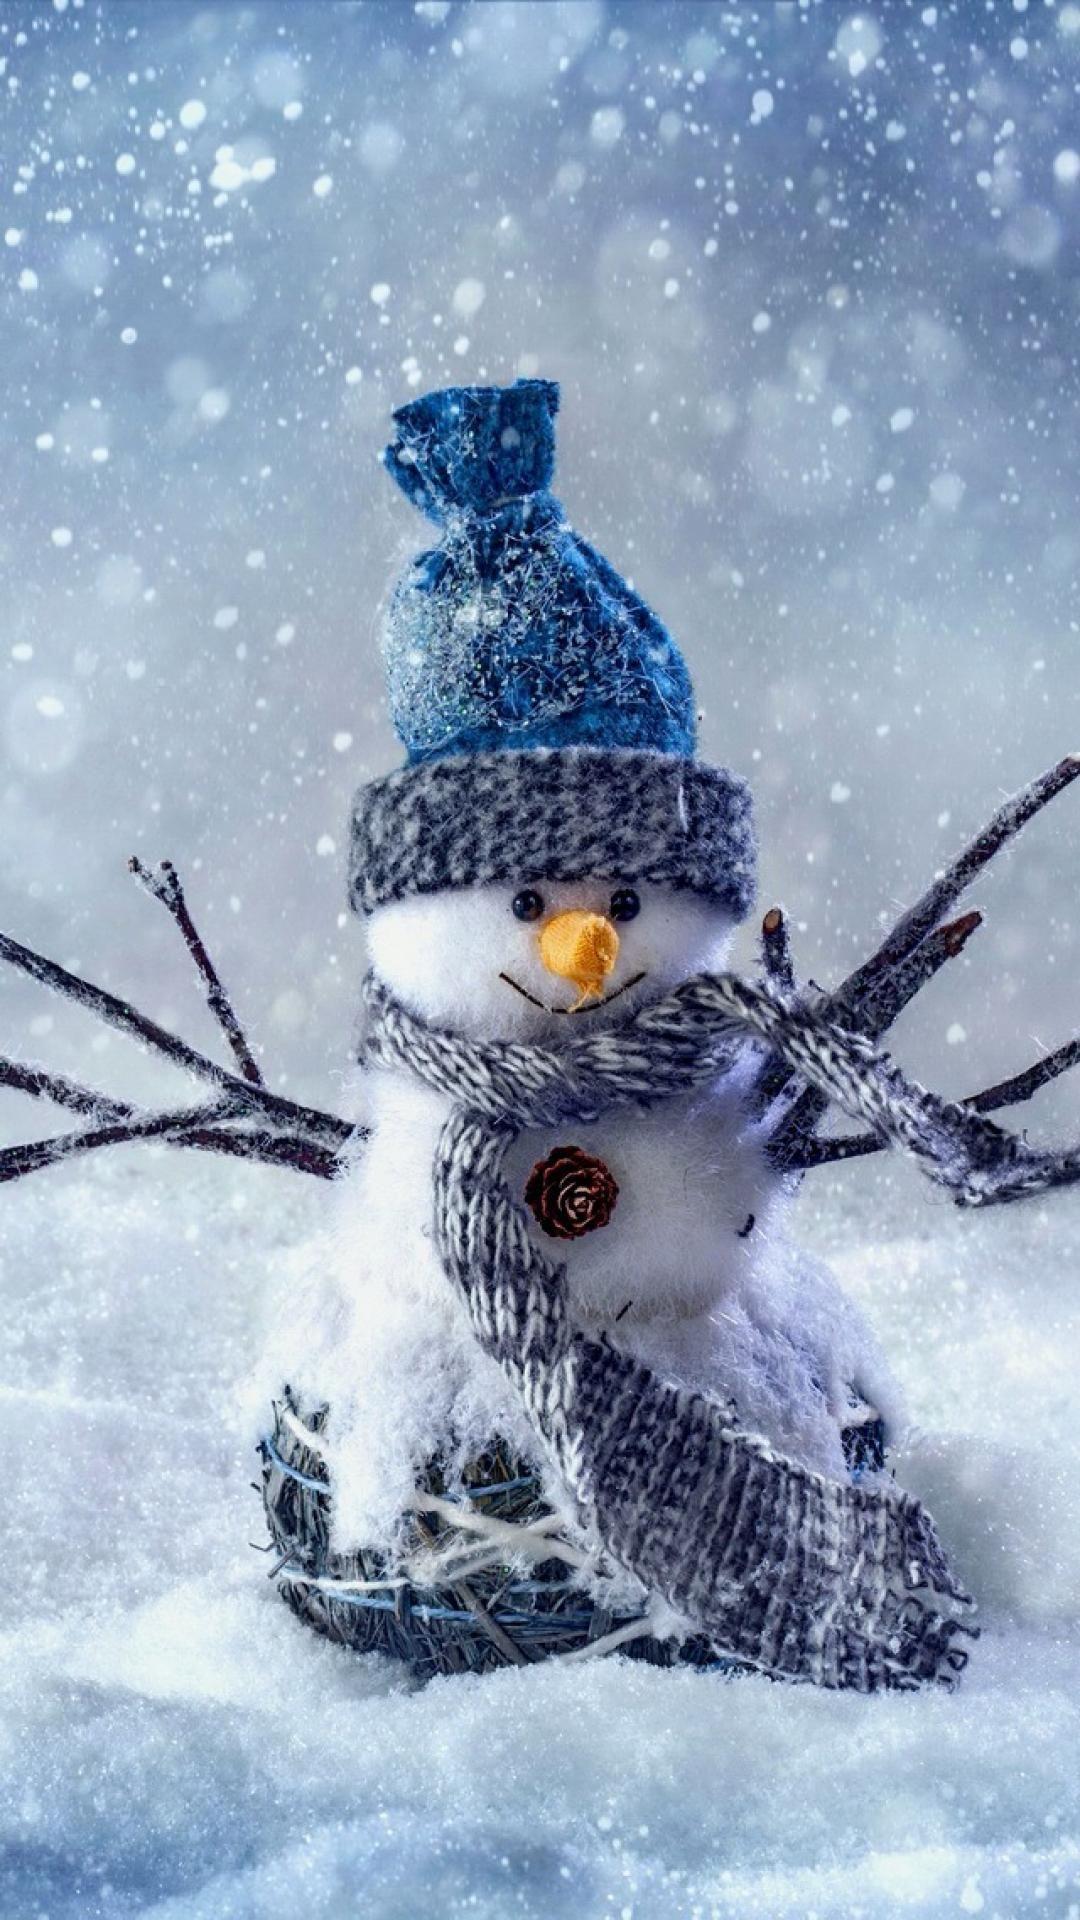 Snowman Cute winter iPhoneX wallpaper 冬の壁紙, クリスマスの壁紙